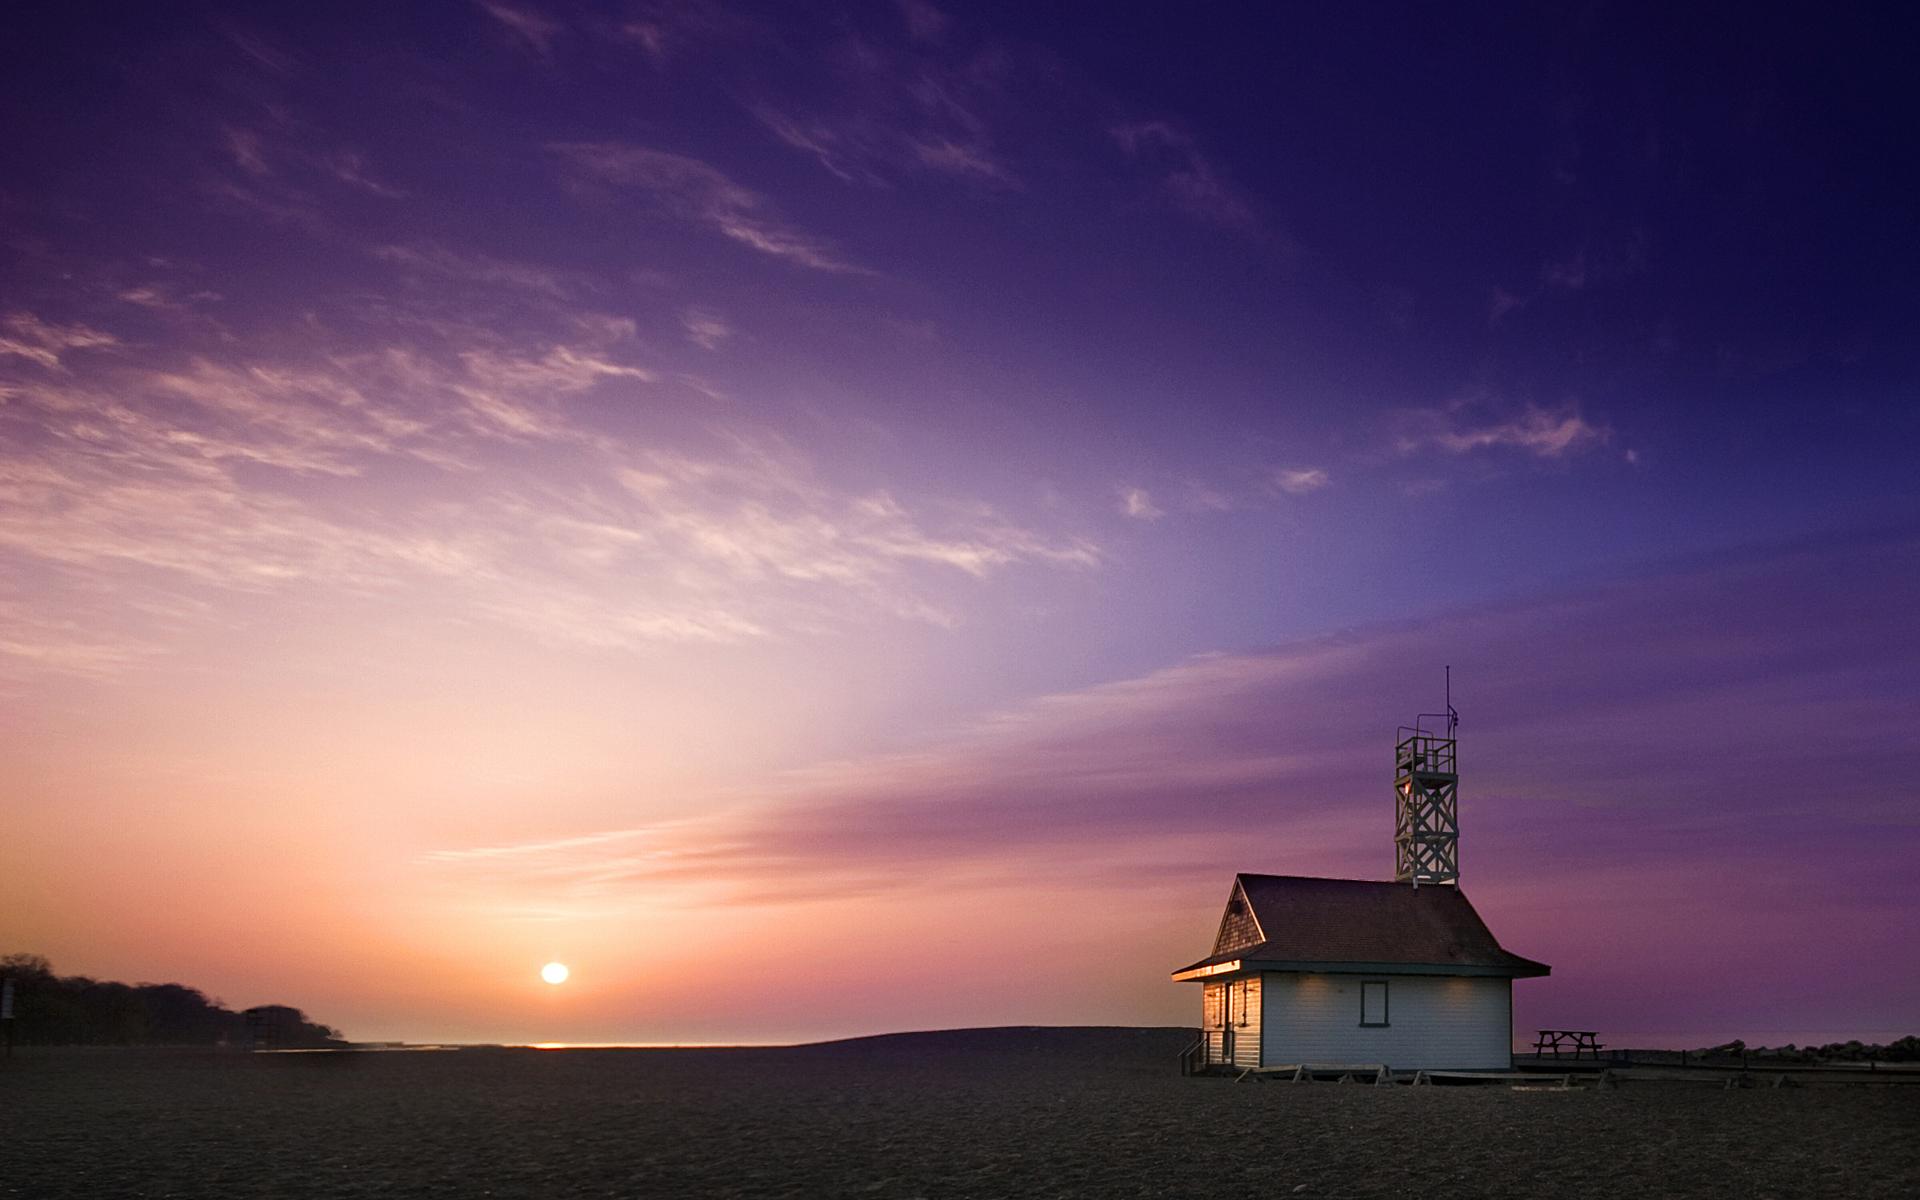 Florida Beach Sunset HD Wallpaper | HD Desktop Wallpaper